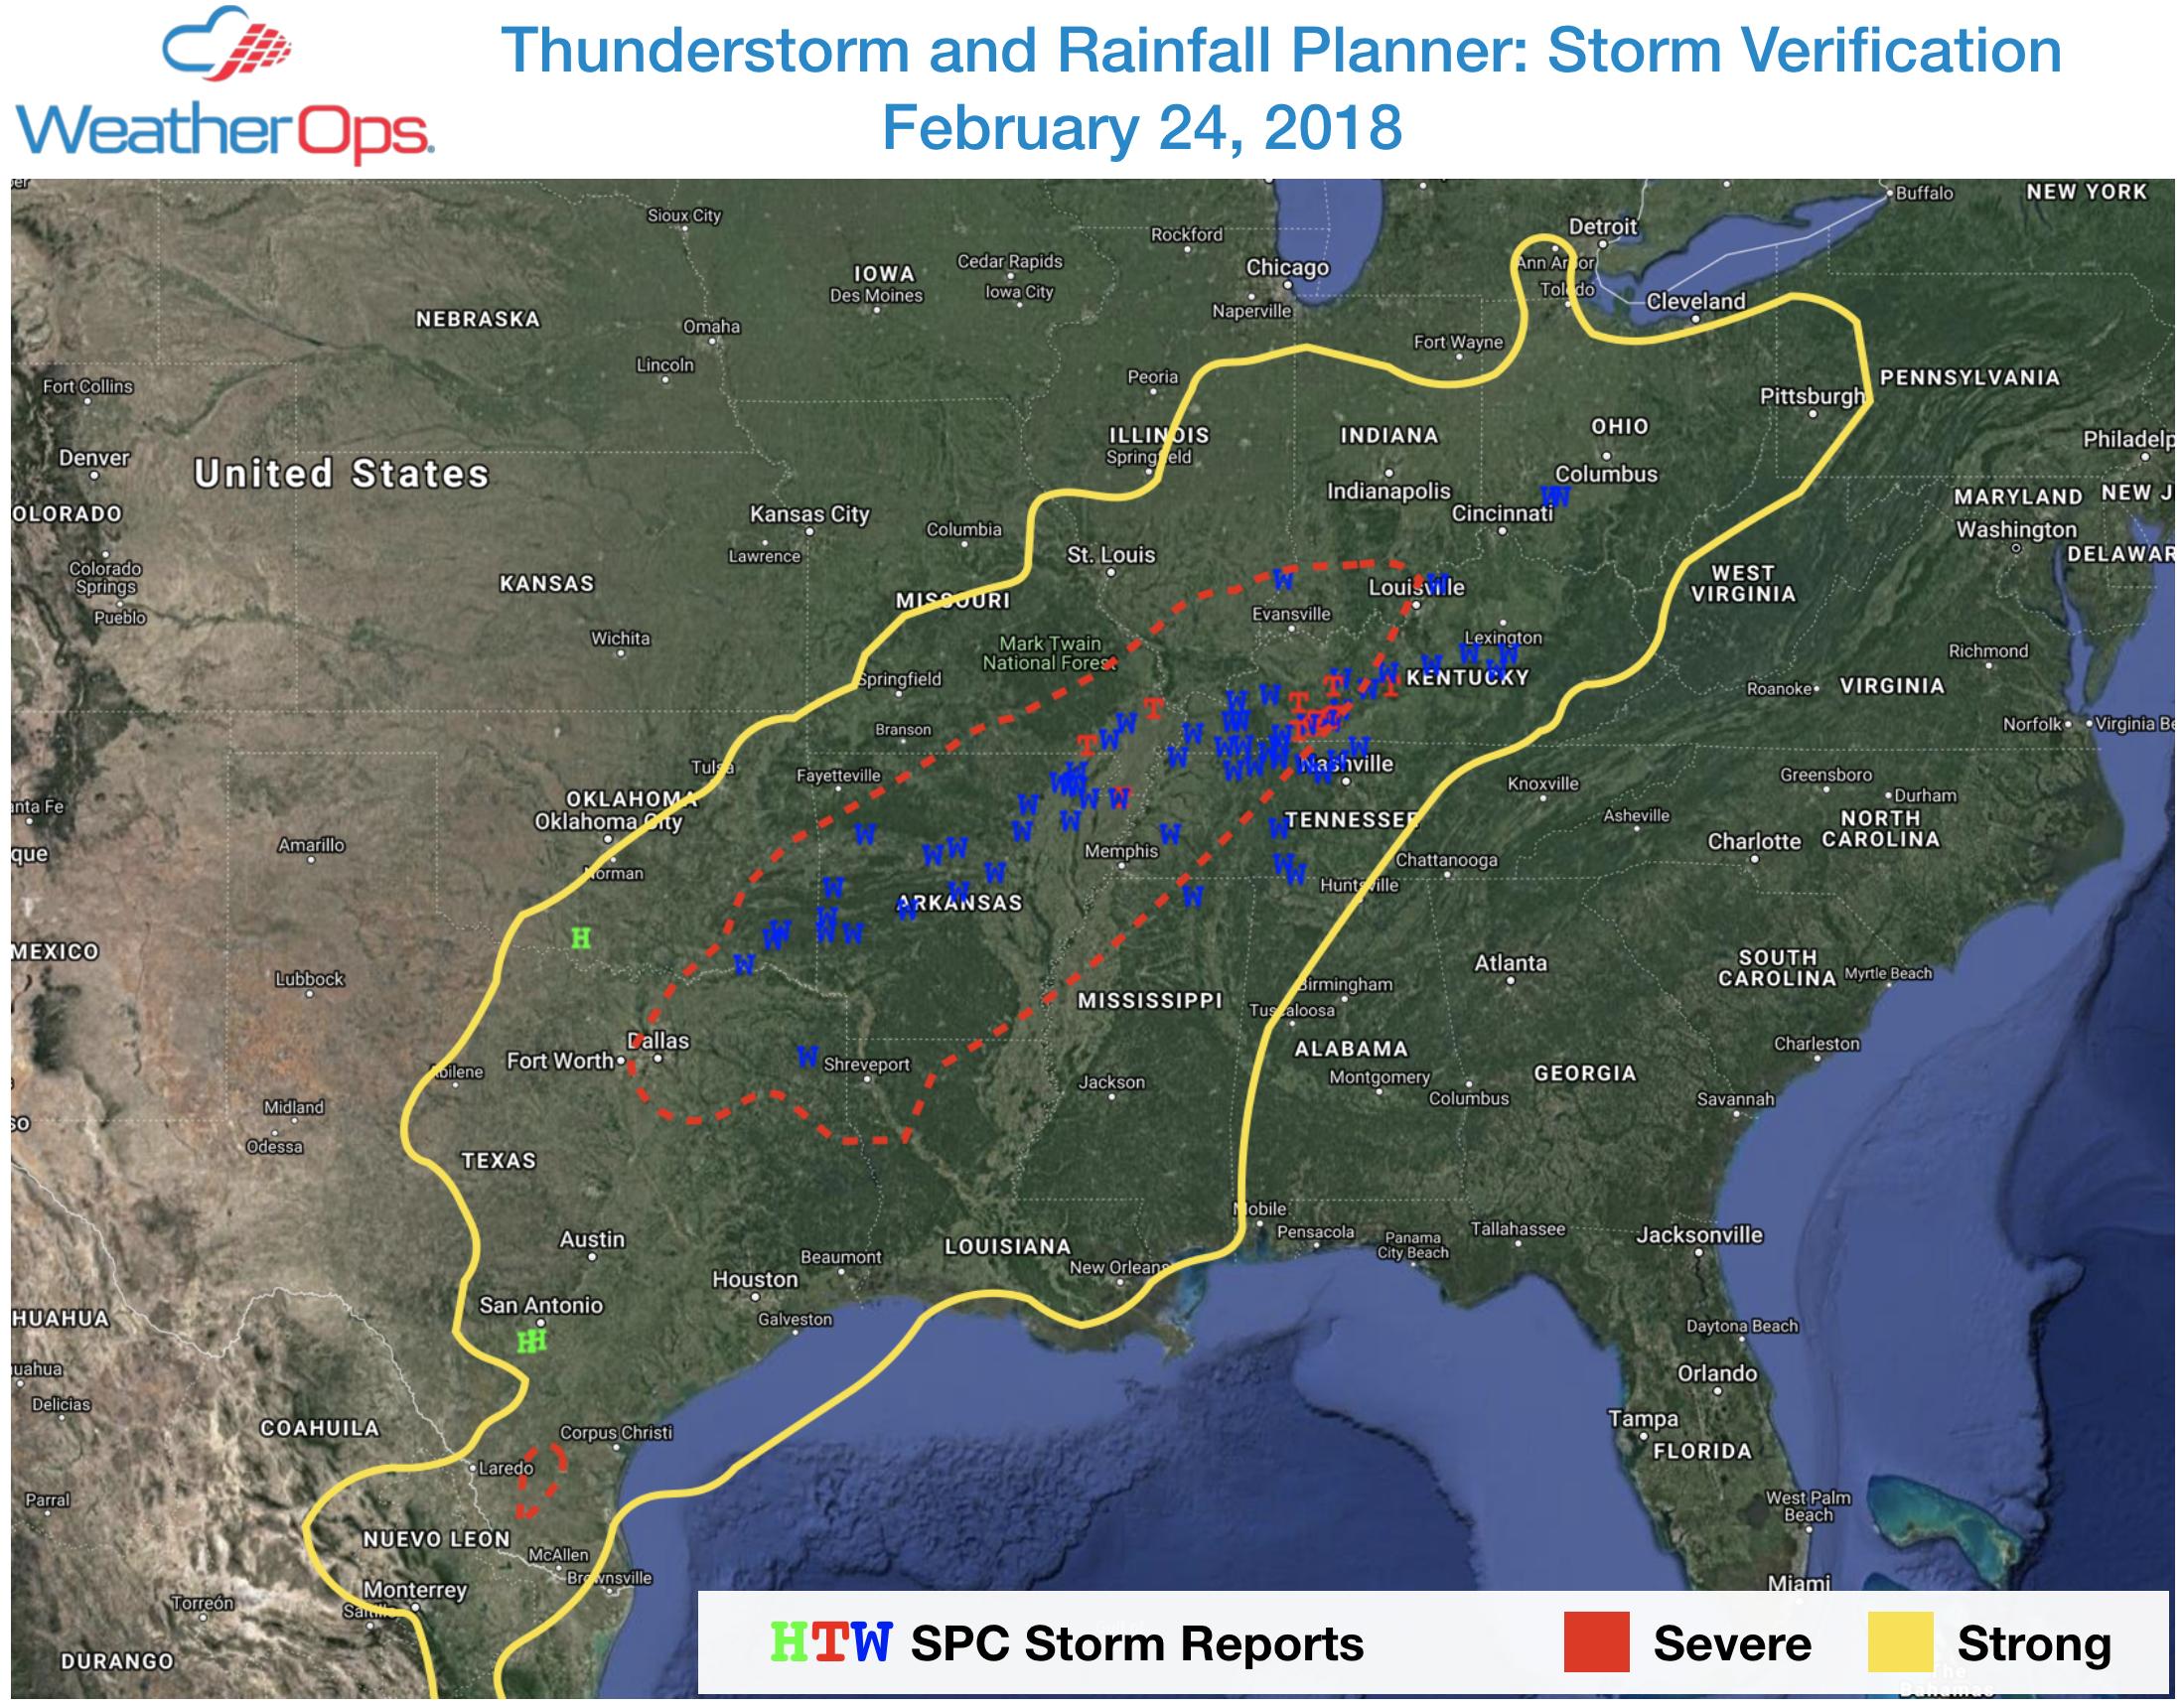 https://cdn2.hubspot.net/hubfs/604407/Thunderstorm%20Planner%20Verification%2024%20Feb%202018.png